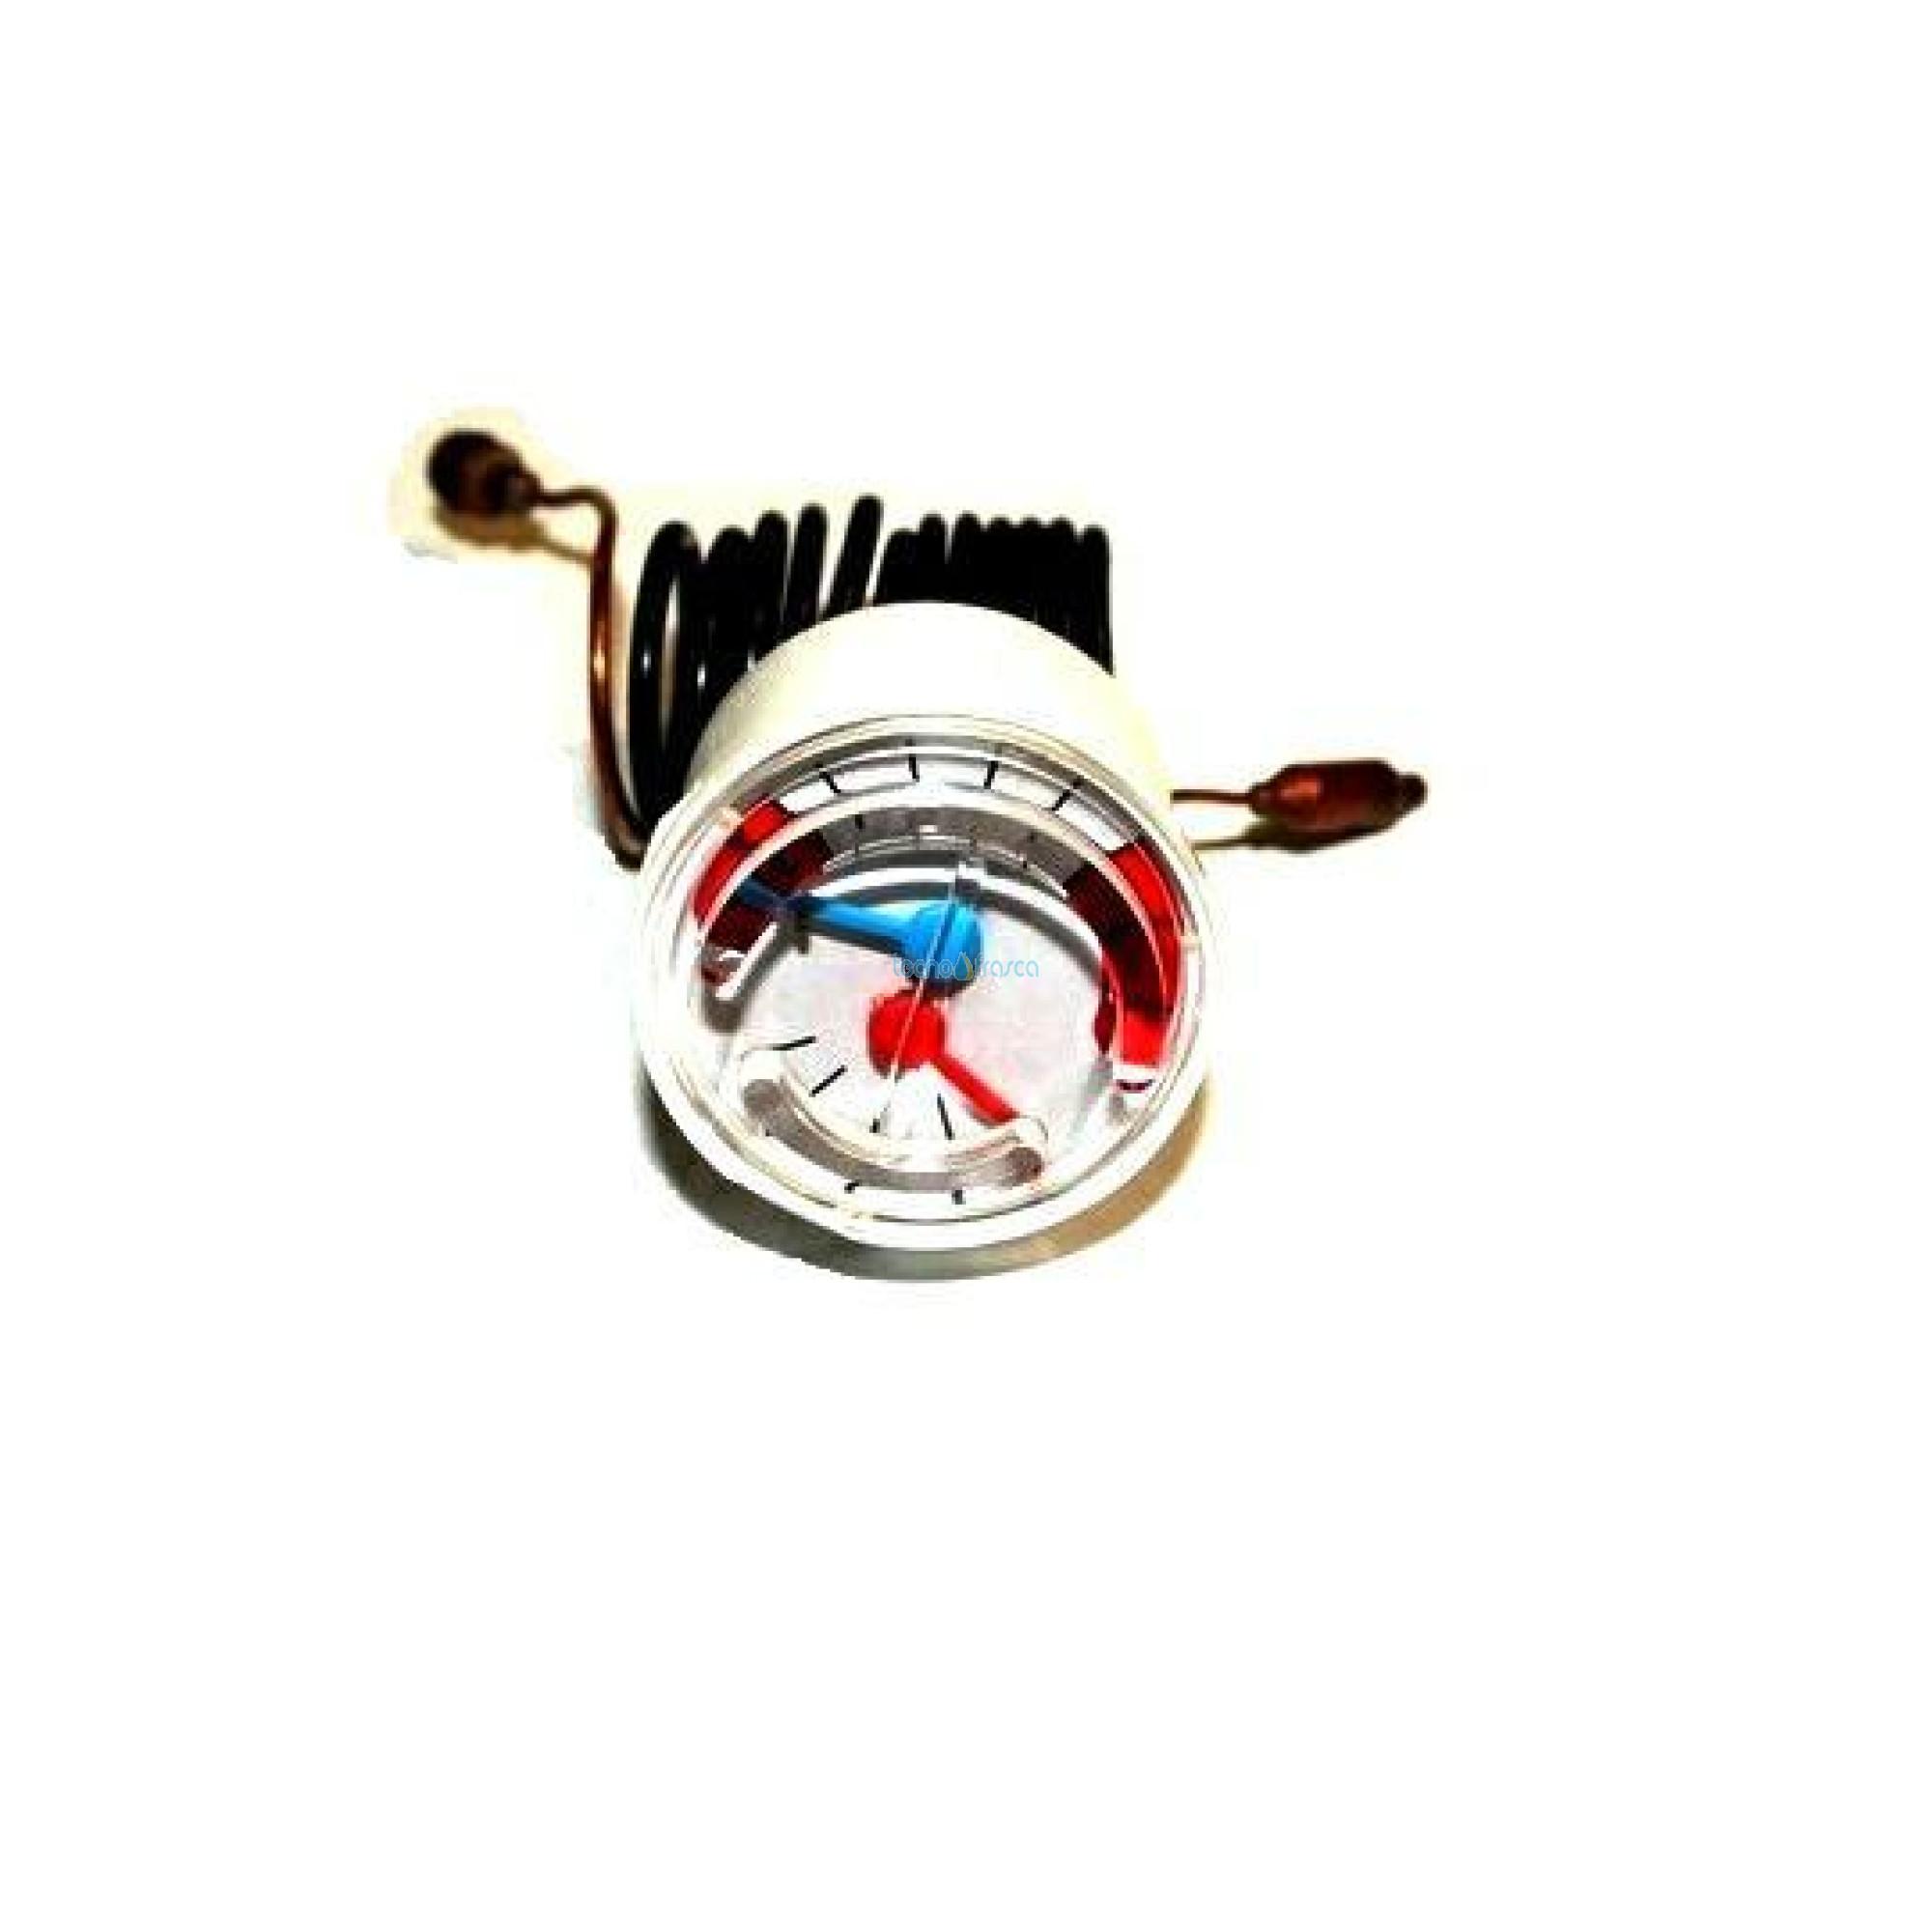 Sylber termoidrometro r10023821